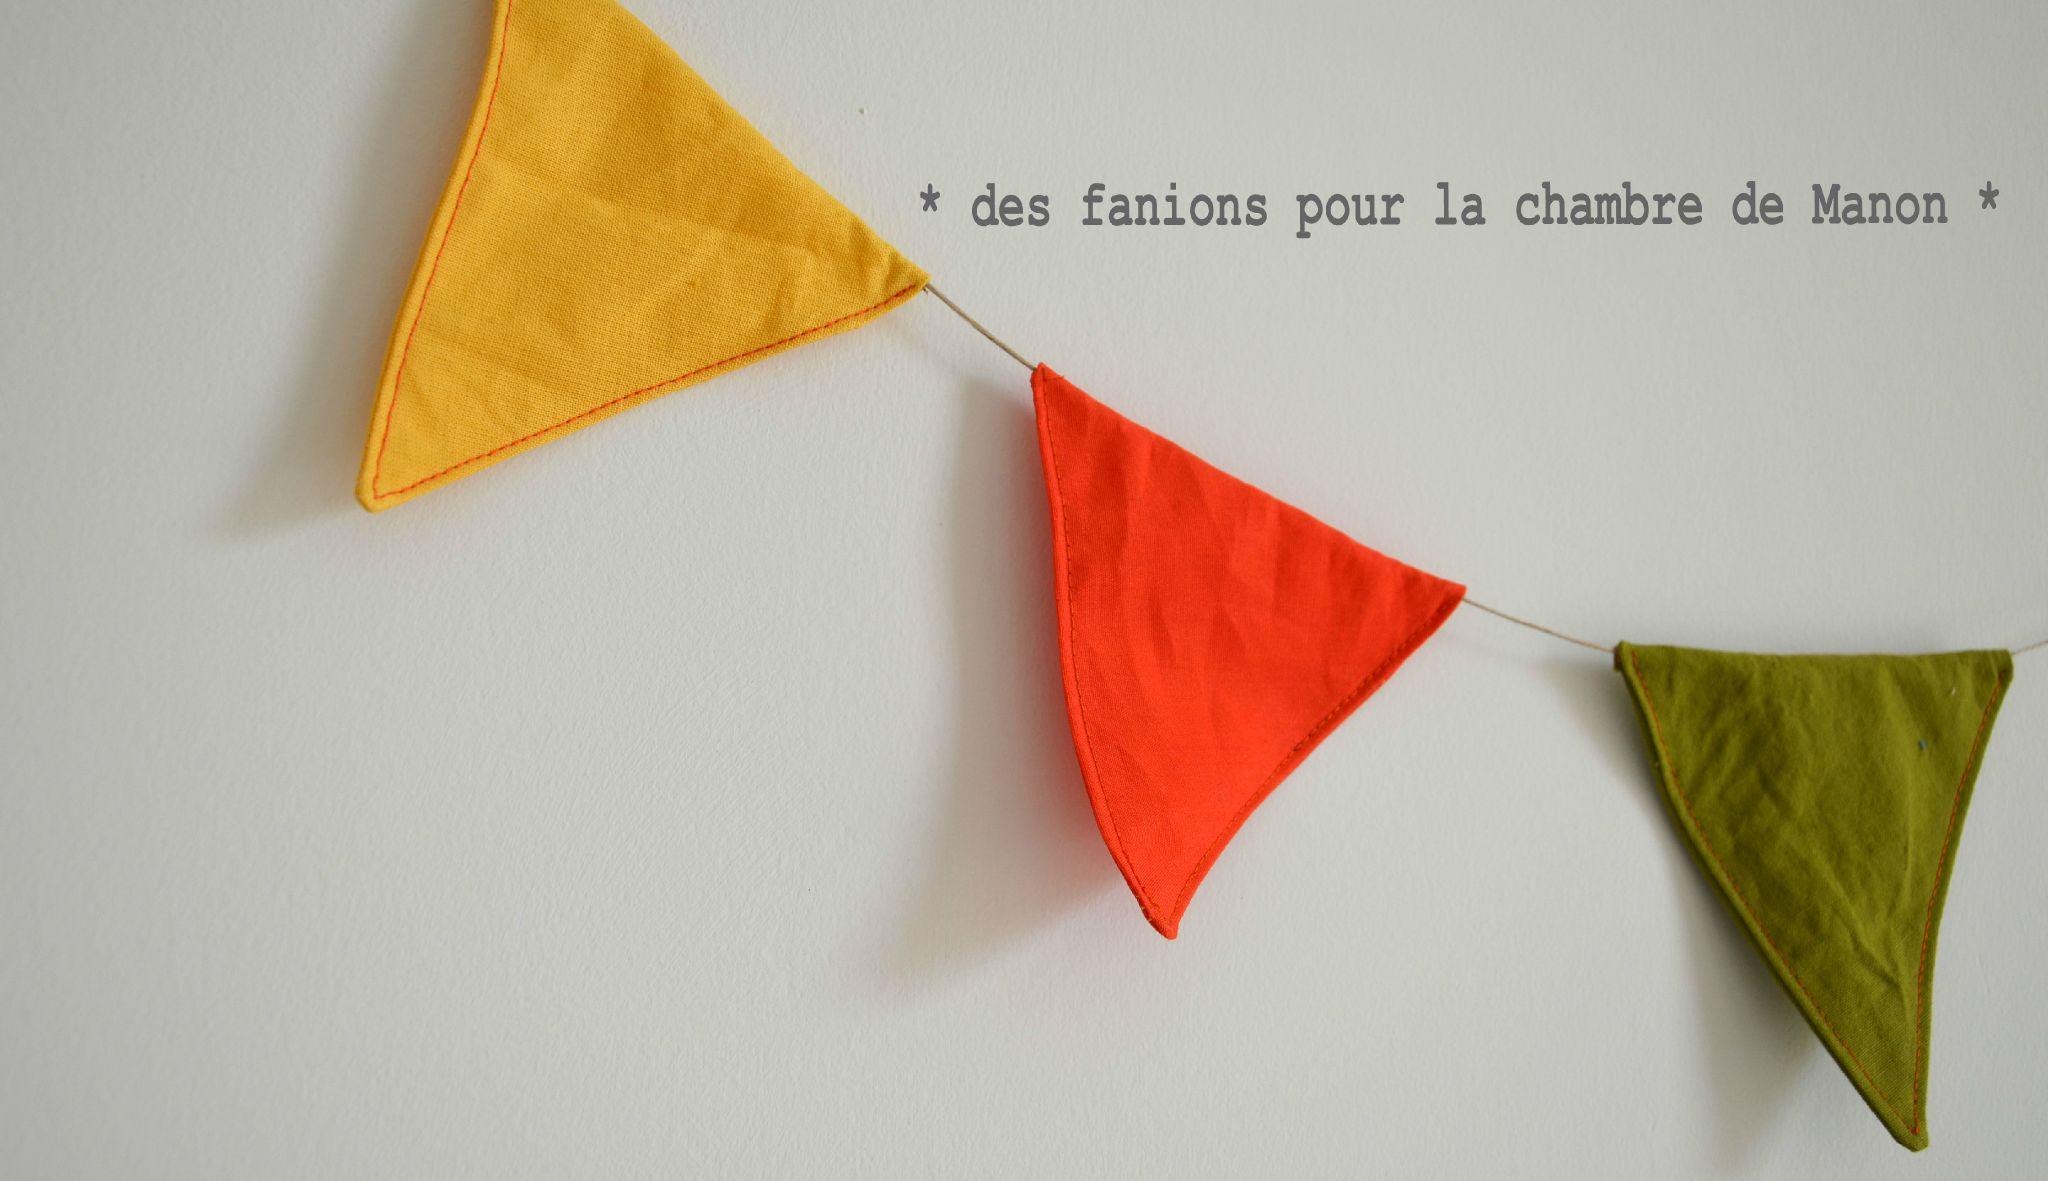 4- Guirlande nominative - fanions